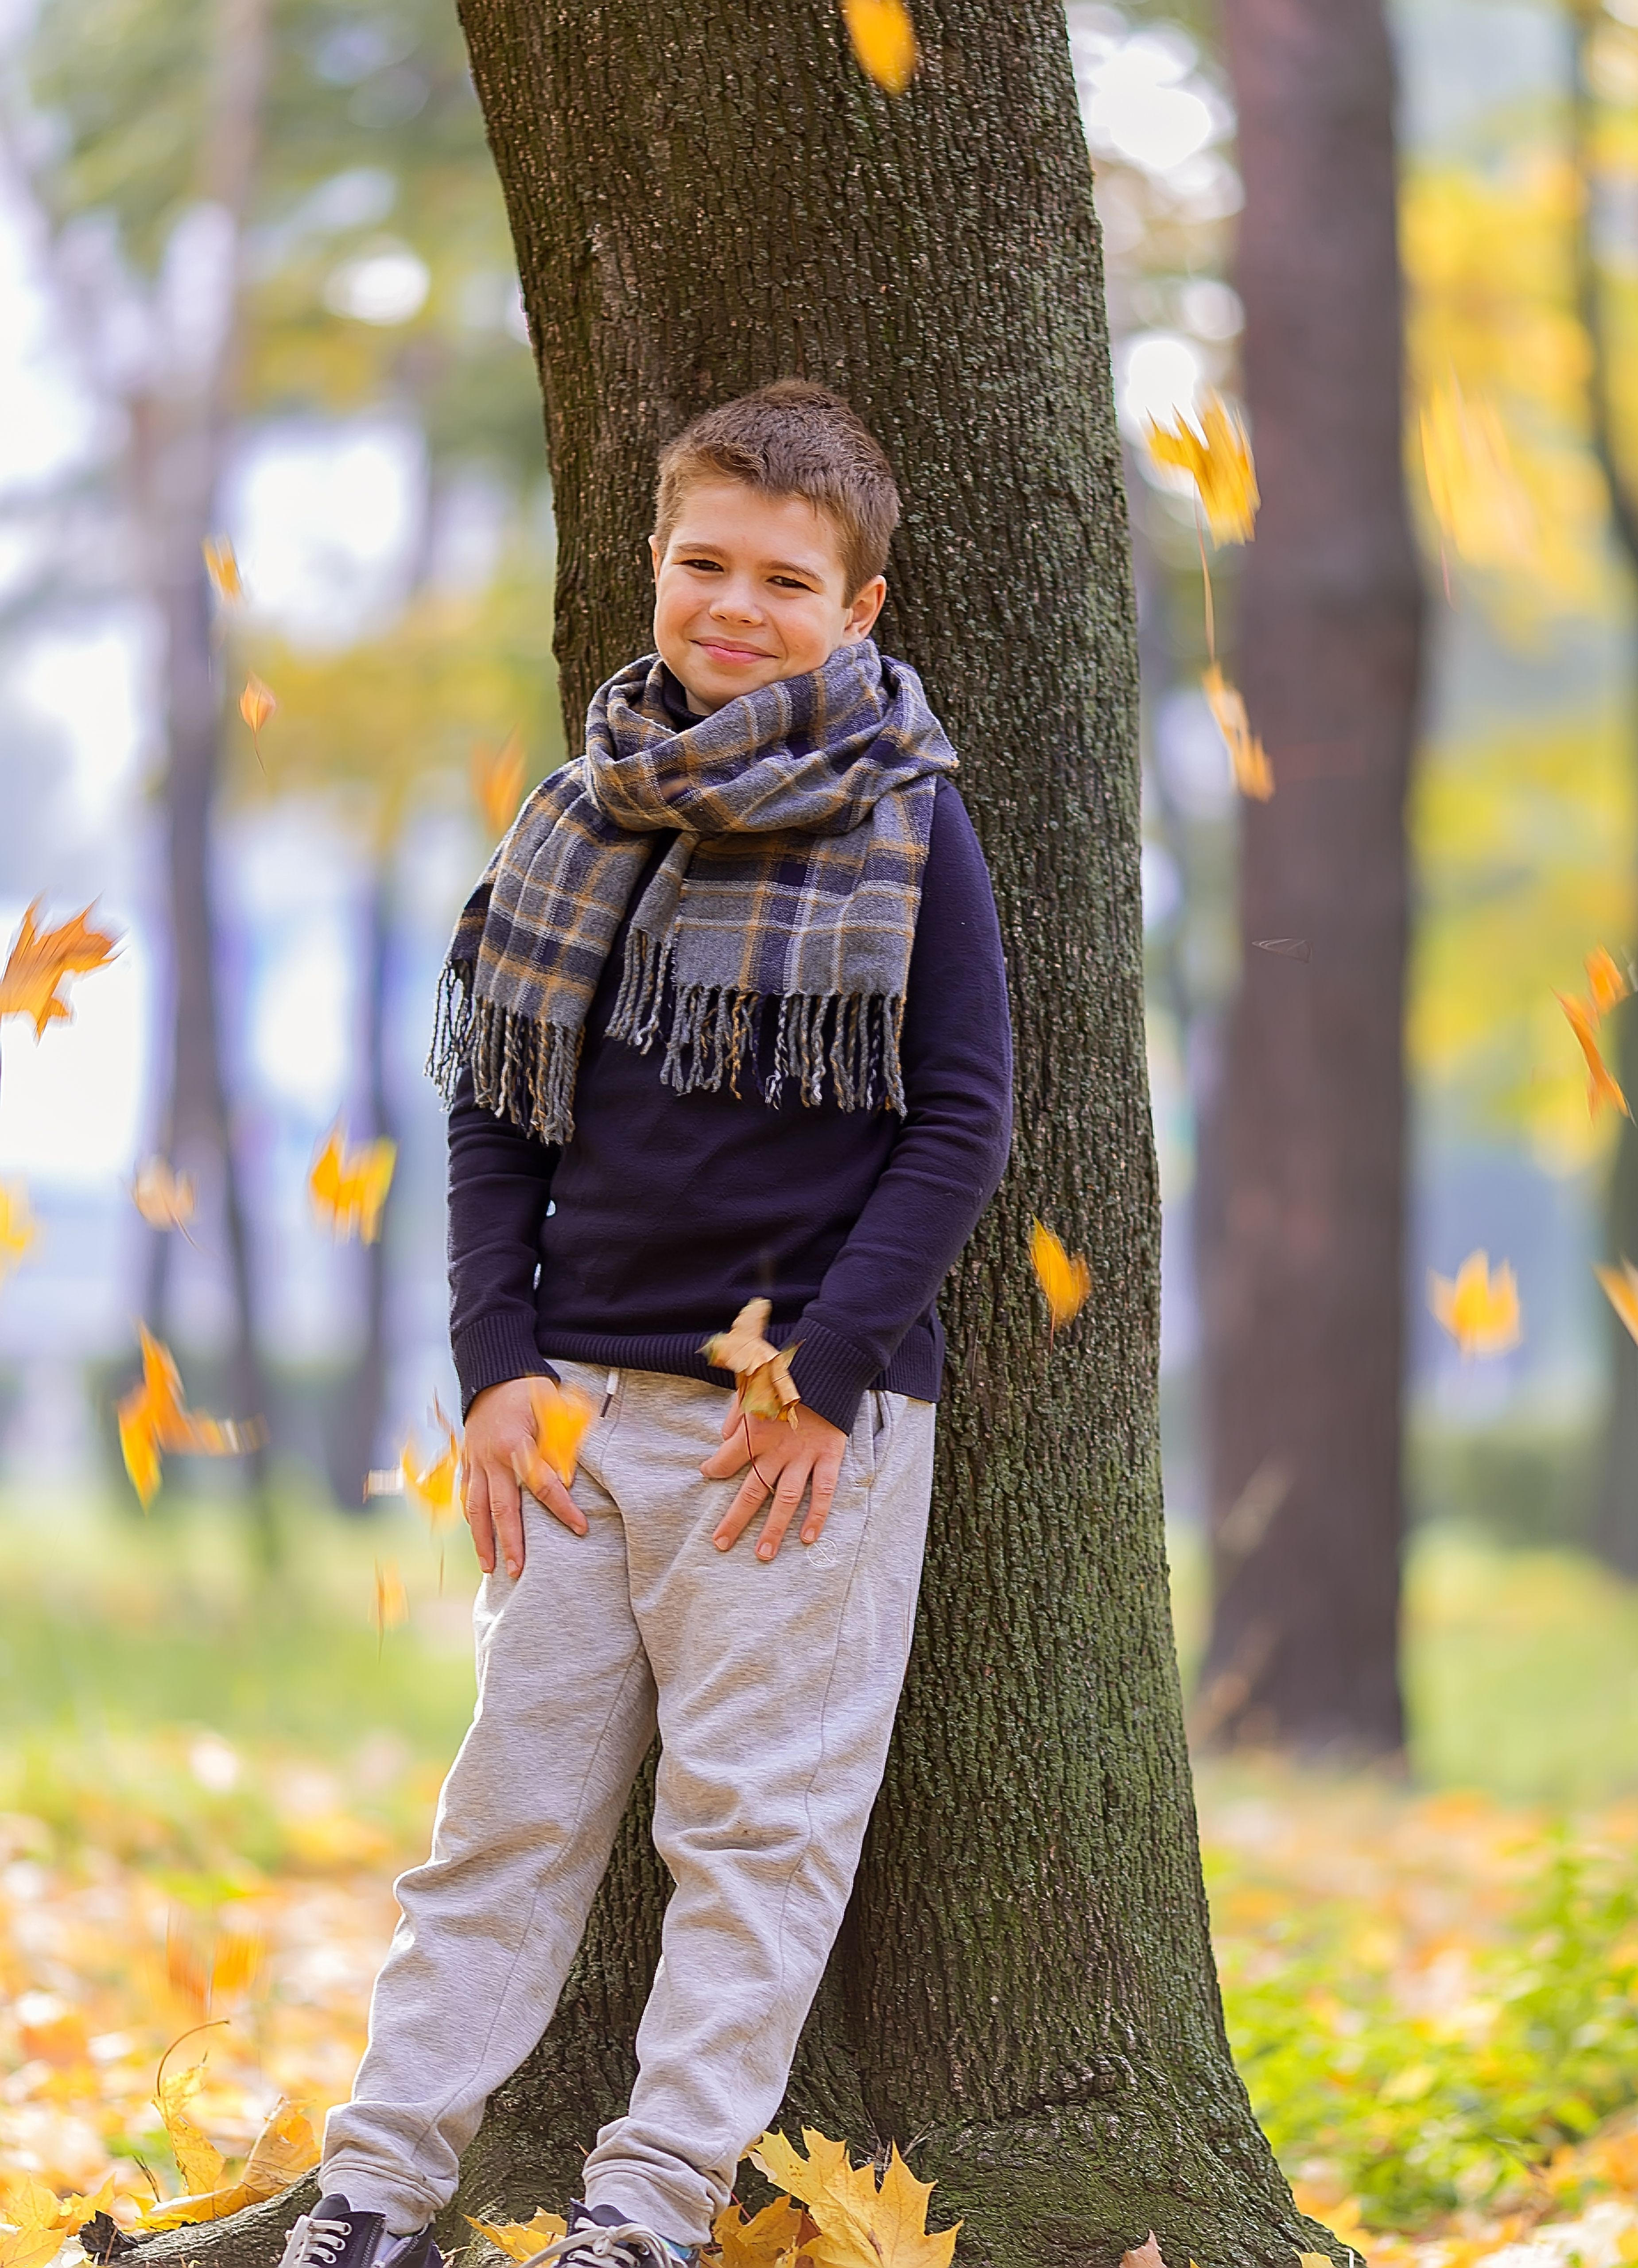 Золотая осень - фотосессия в парке | Children photography ...